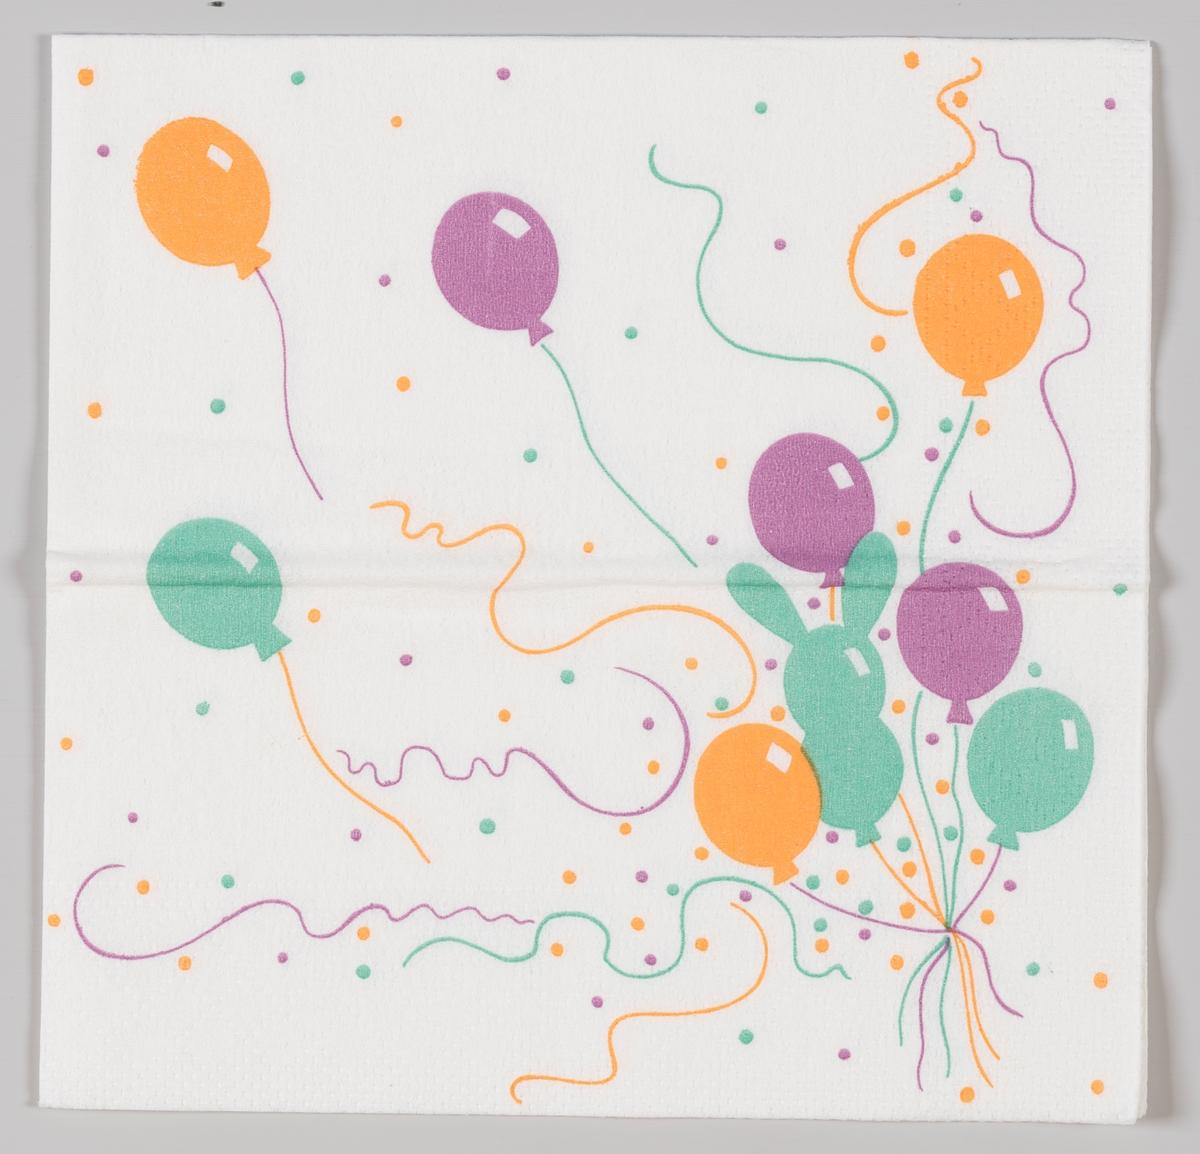 Lilla, oransj og turkis ballonger og konfetti.